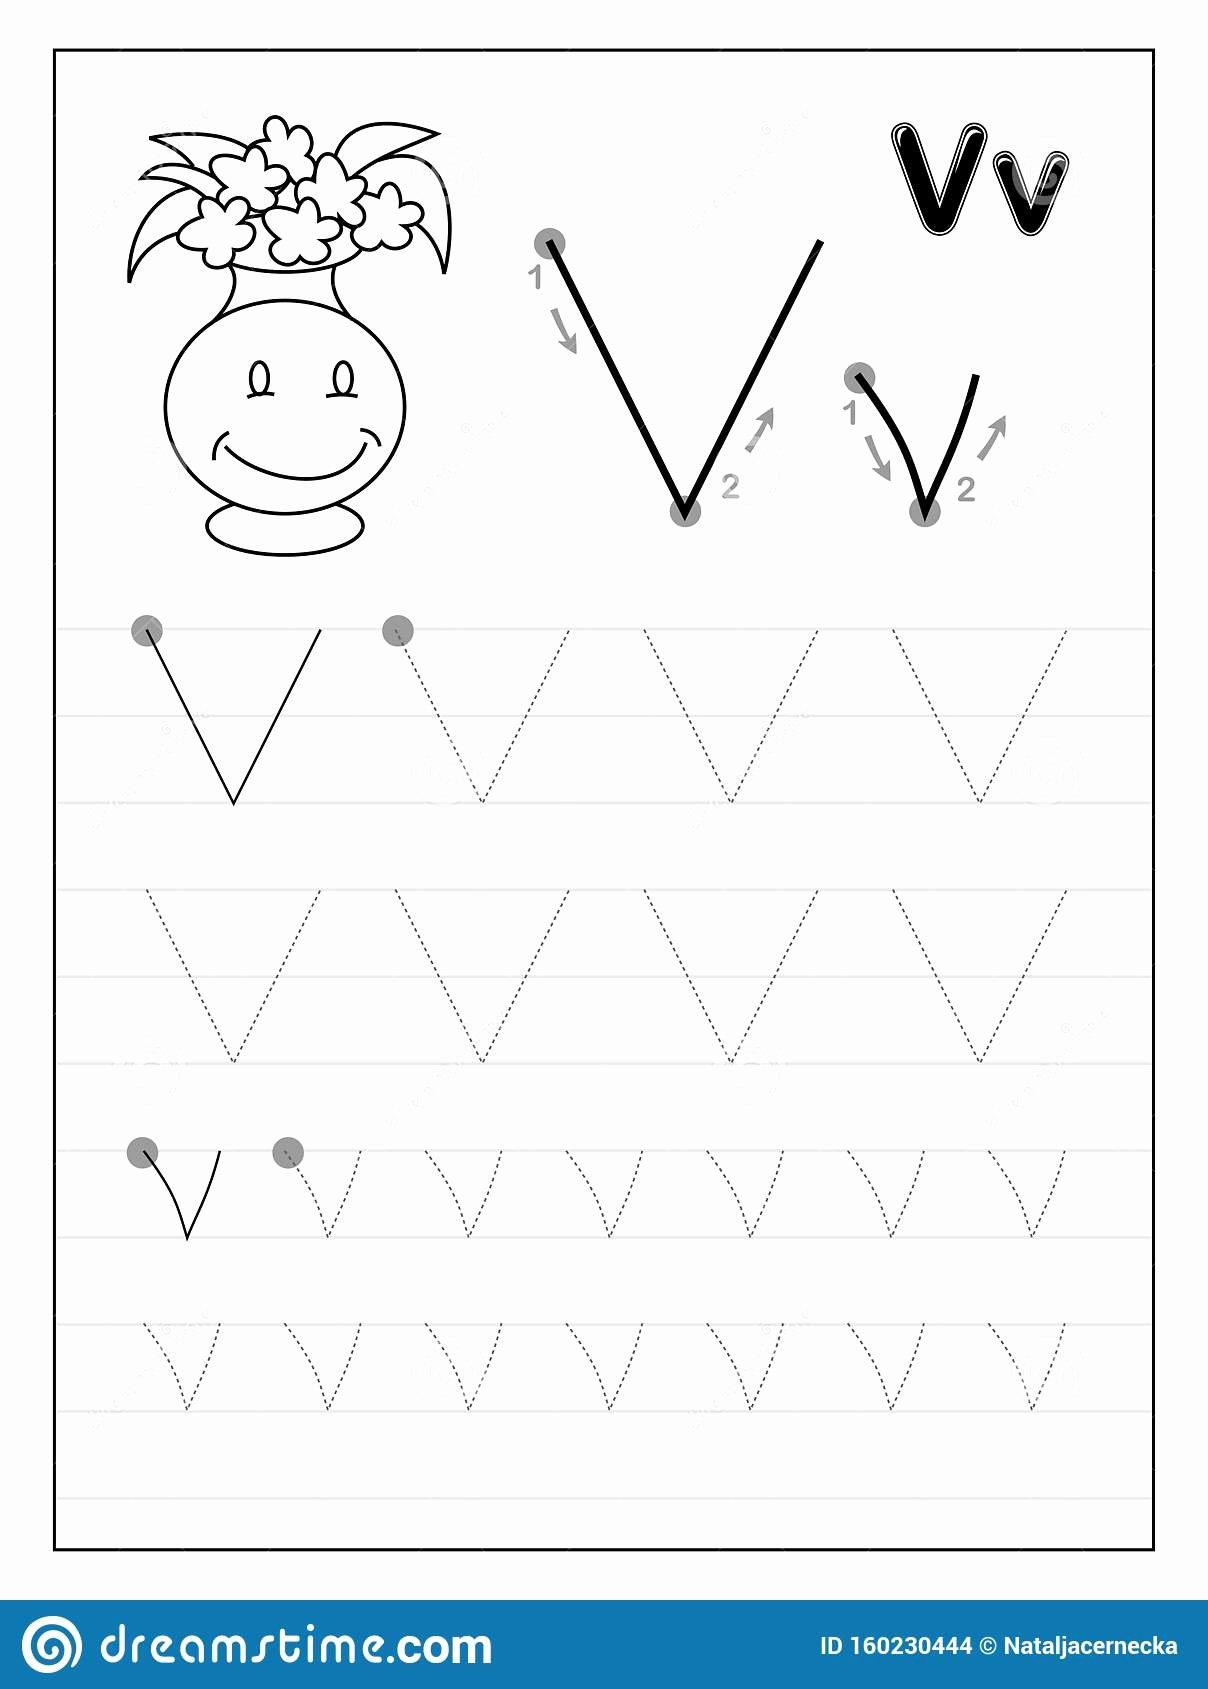 V Worksheets For Preschoolers